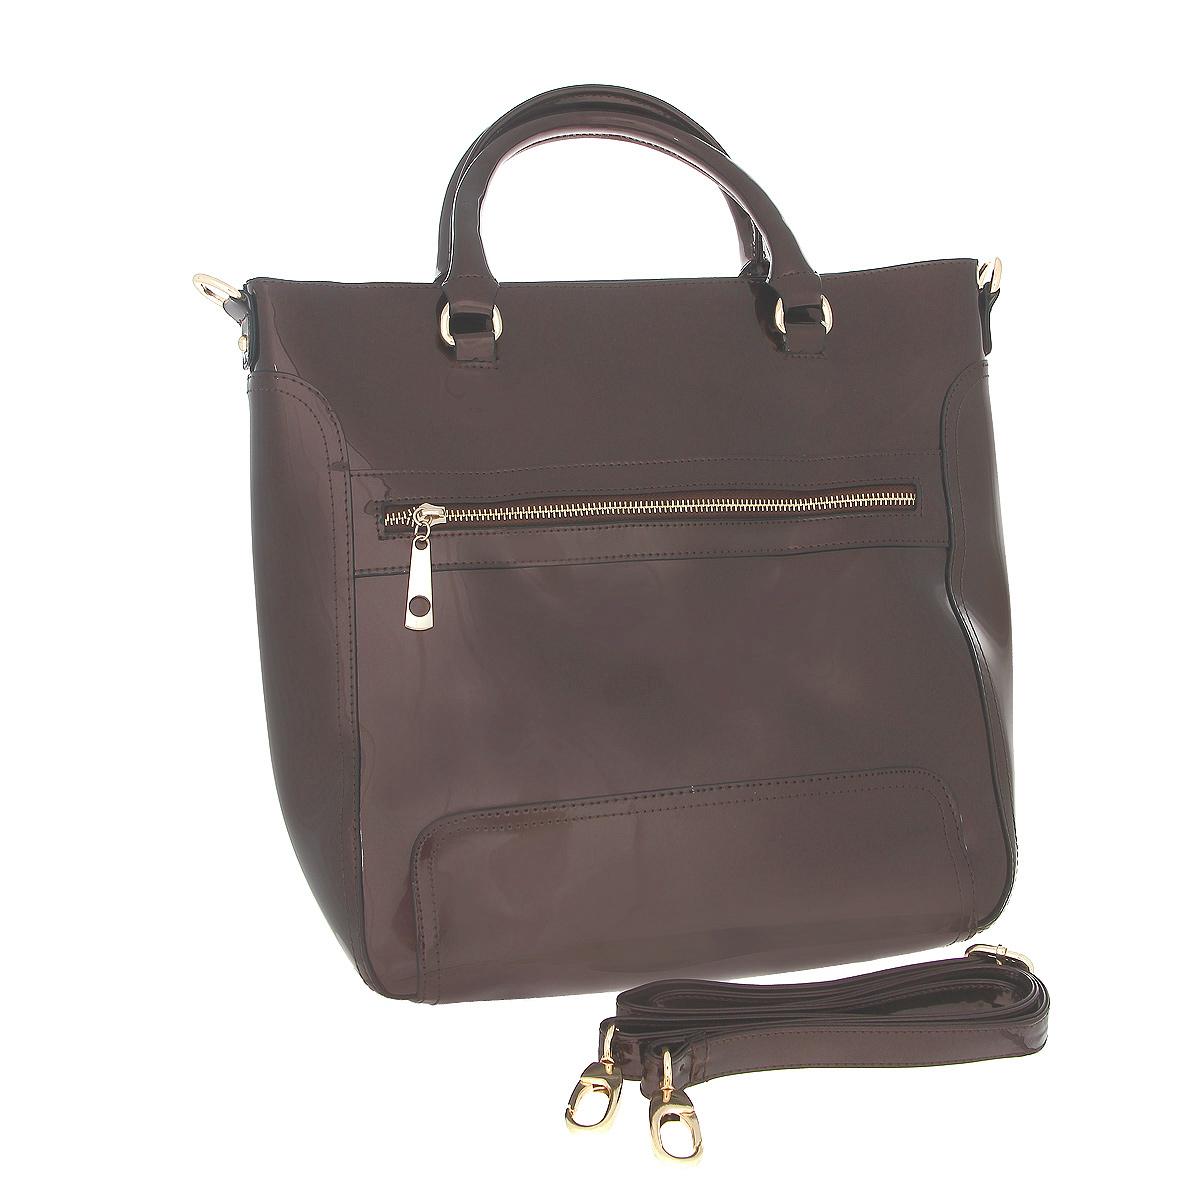 """Сумка женская """"Fancy bag """", цвет: коричневый. CM-6066-09 Fancy'S Bag CM-6066-09 корич"""